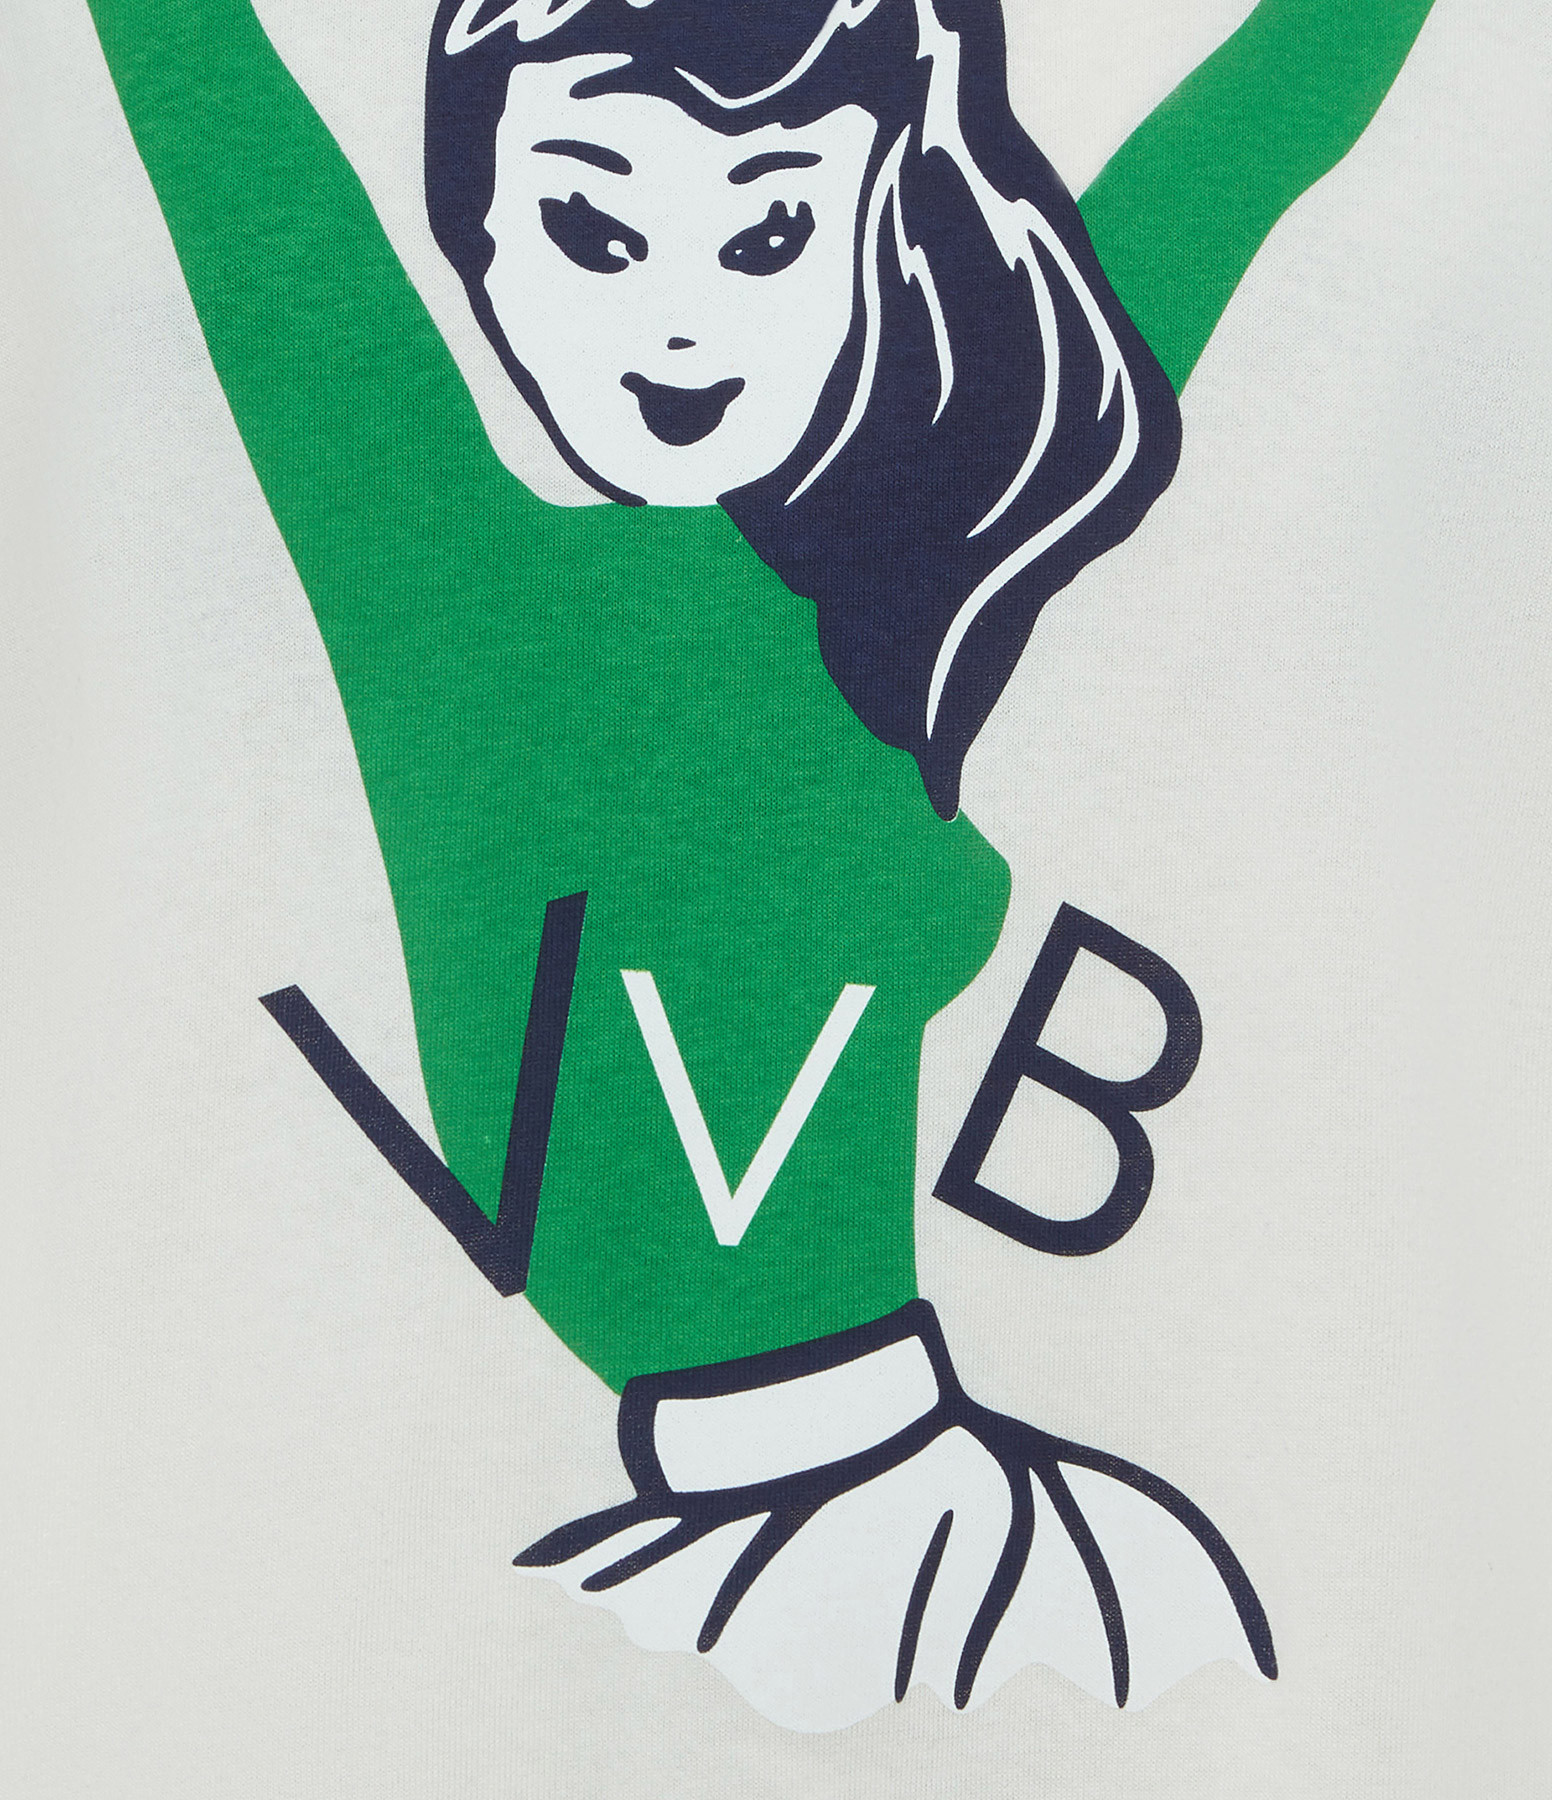 VICTORIA VICTORIA BECKHAM - Tee-shirt Cheerleader Blanc